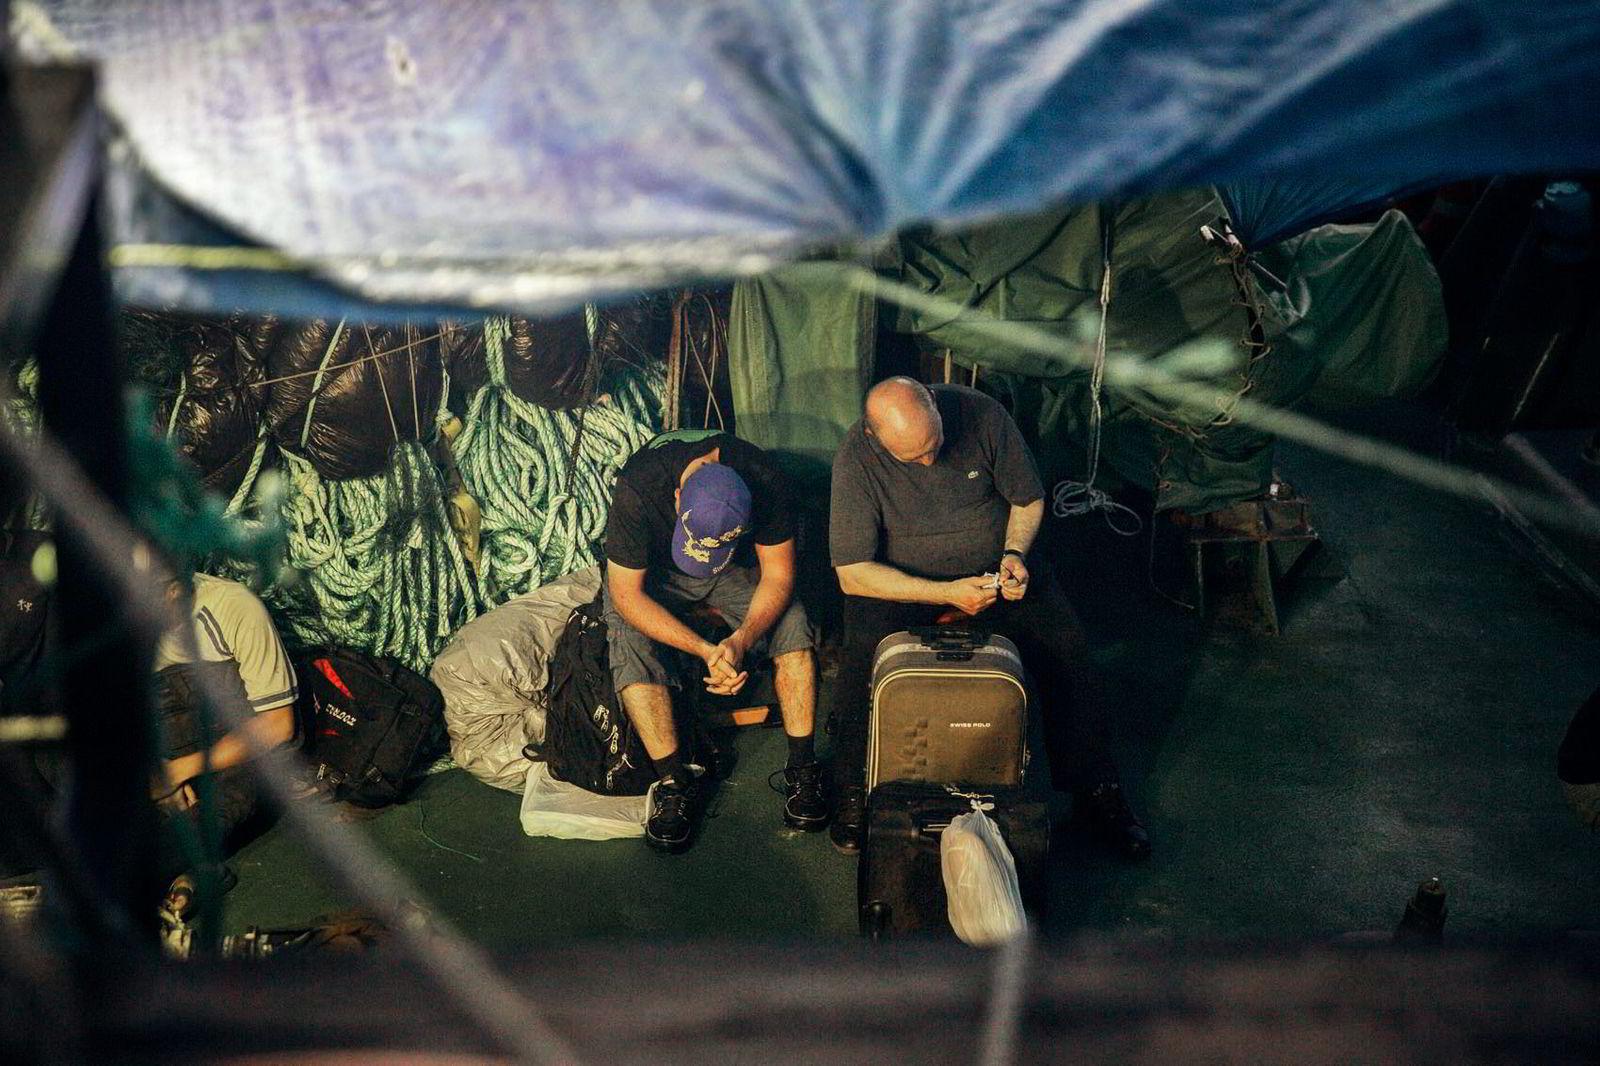 Kapteinen og «fish master» på «Thunder» er akkurat reddet ombord på Sea Shepherd-fartøyet «Sam Simon» etter forliset. Snart skal de overleveres til kystvakten.